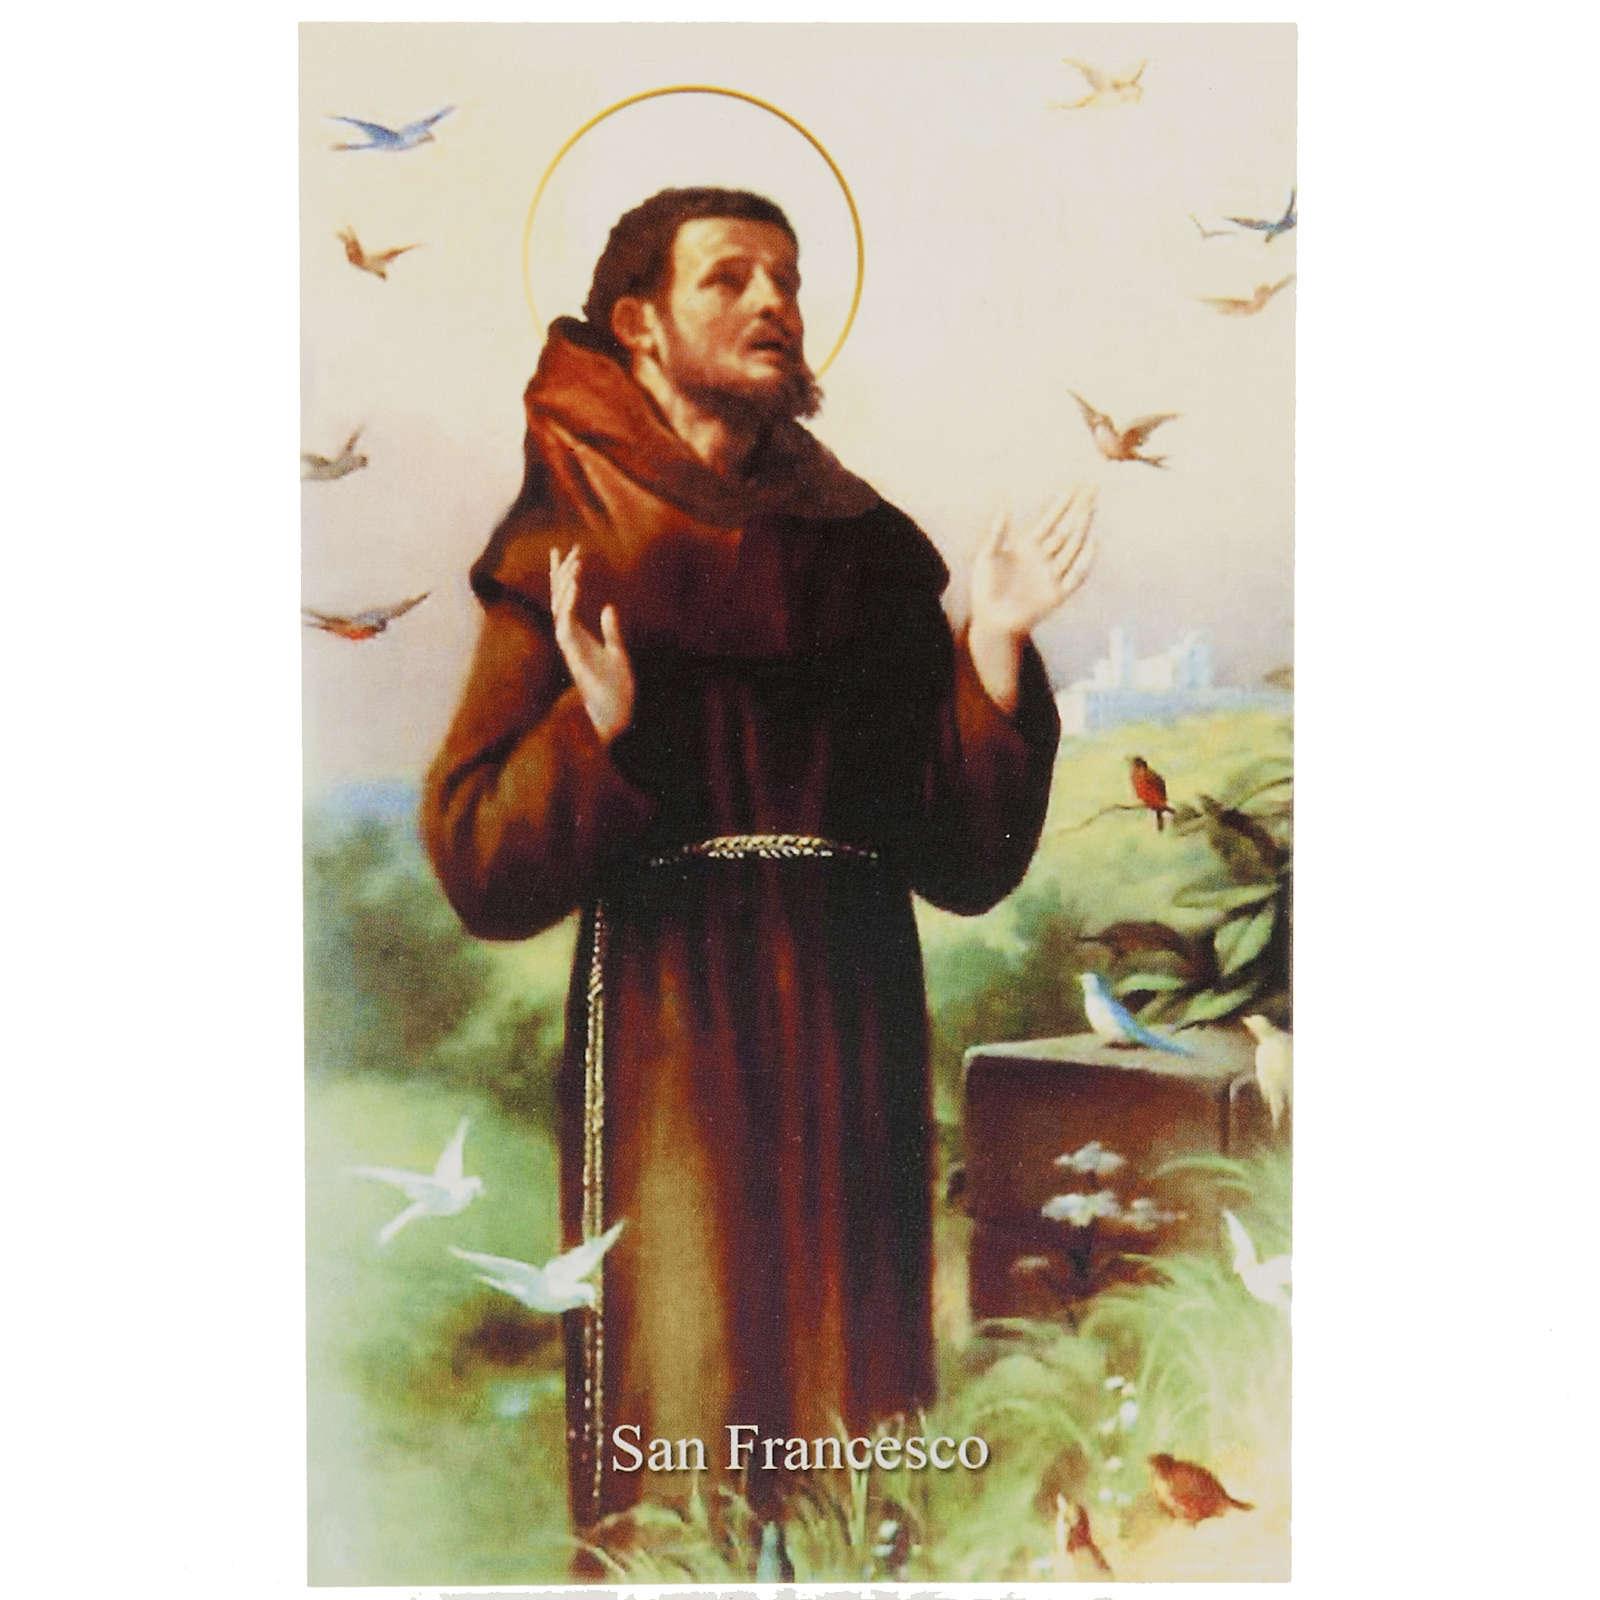 Estampa en italiano de S. Francisco oración 4